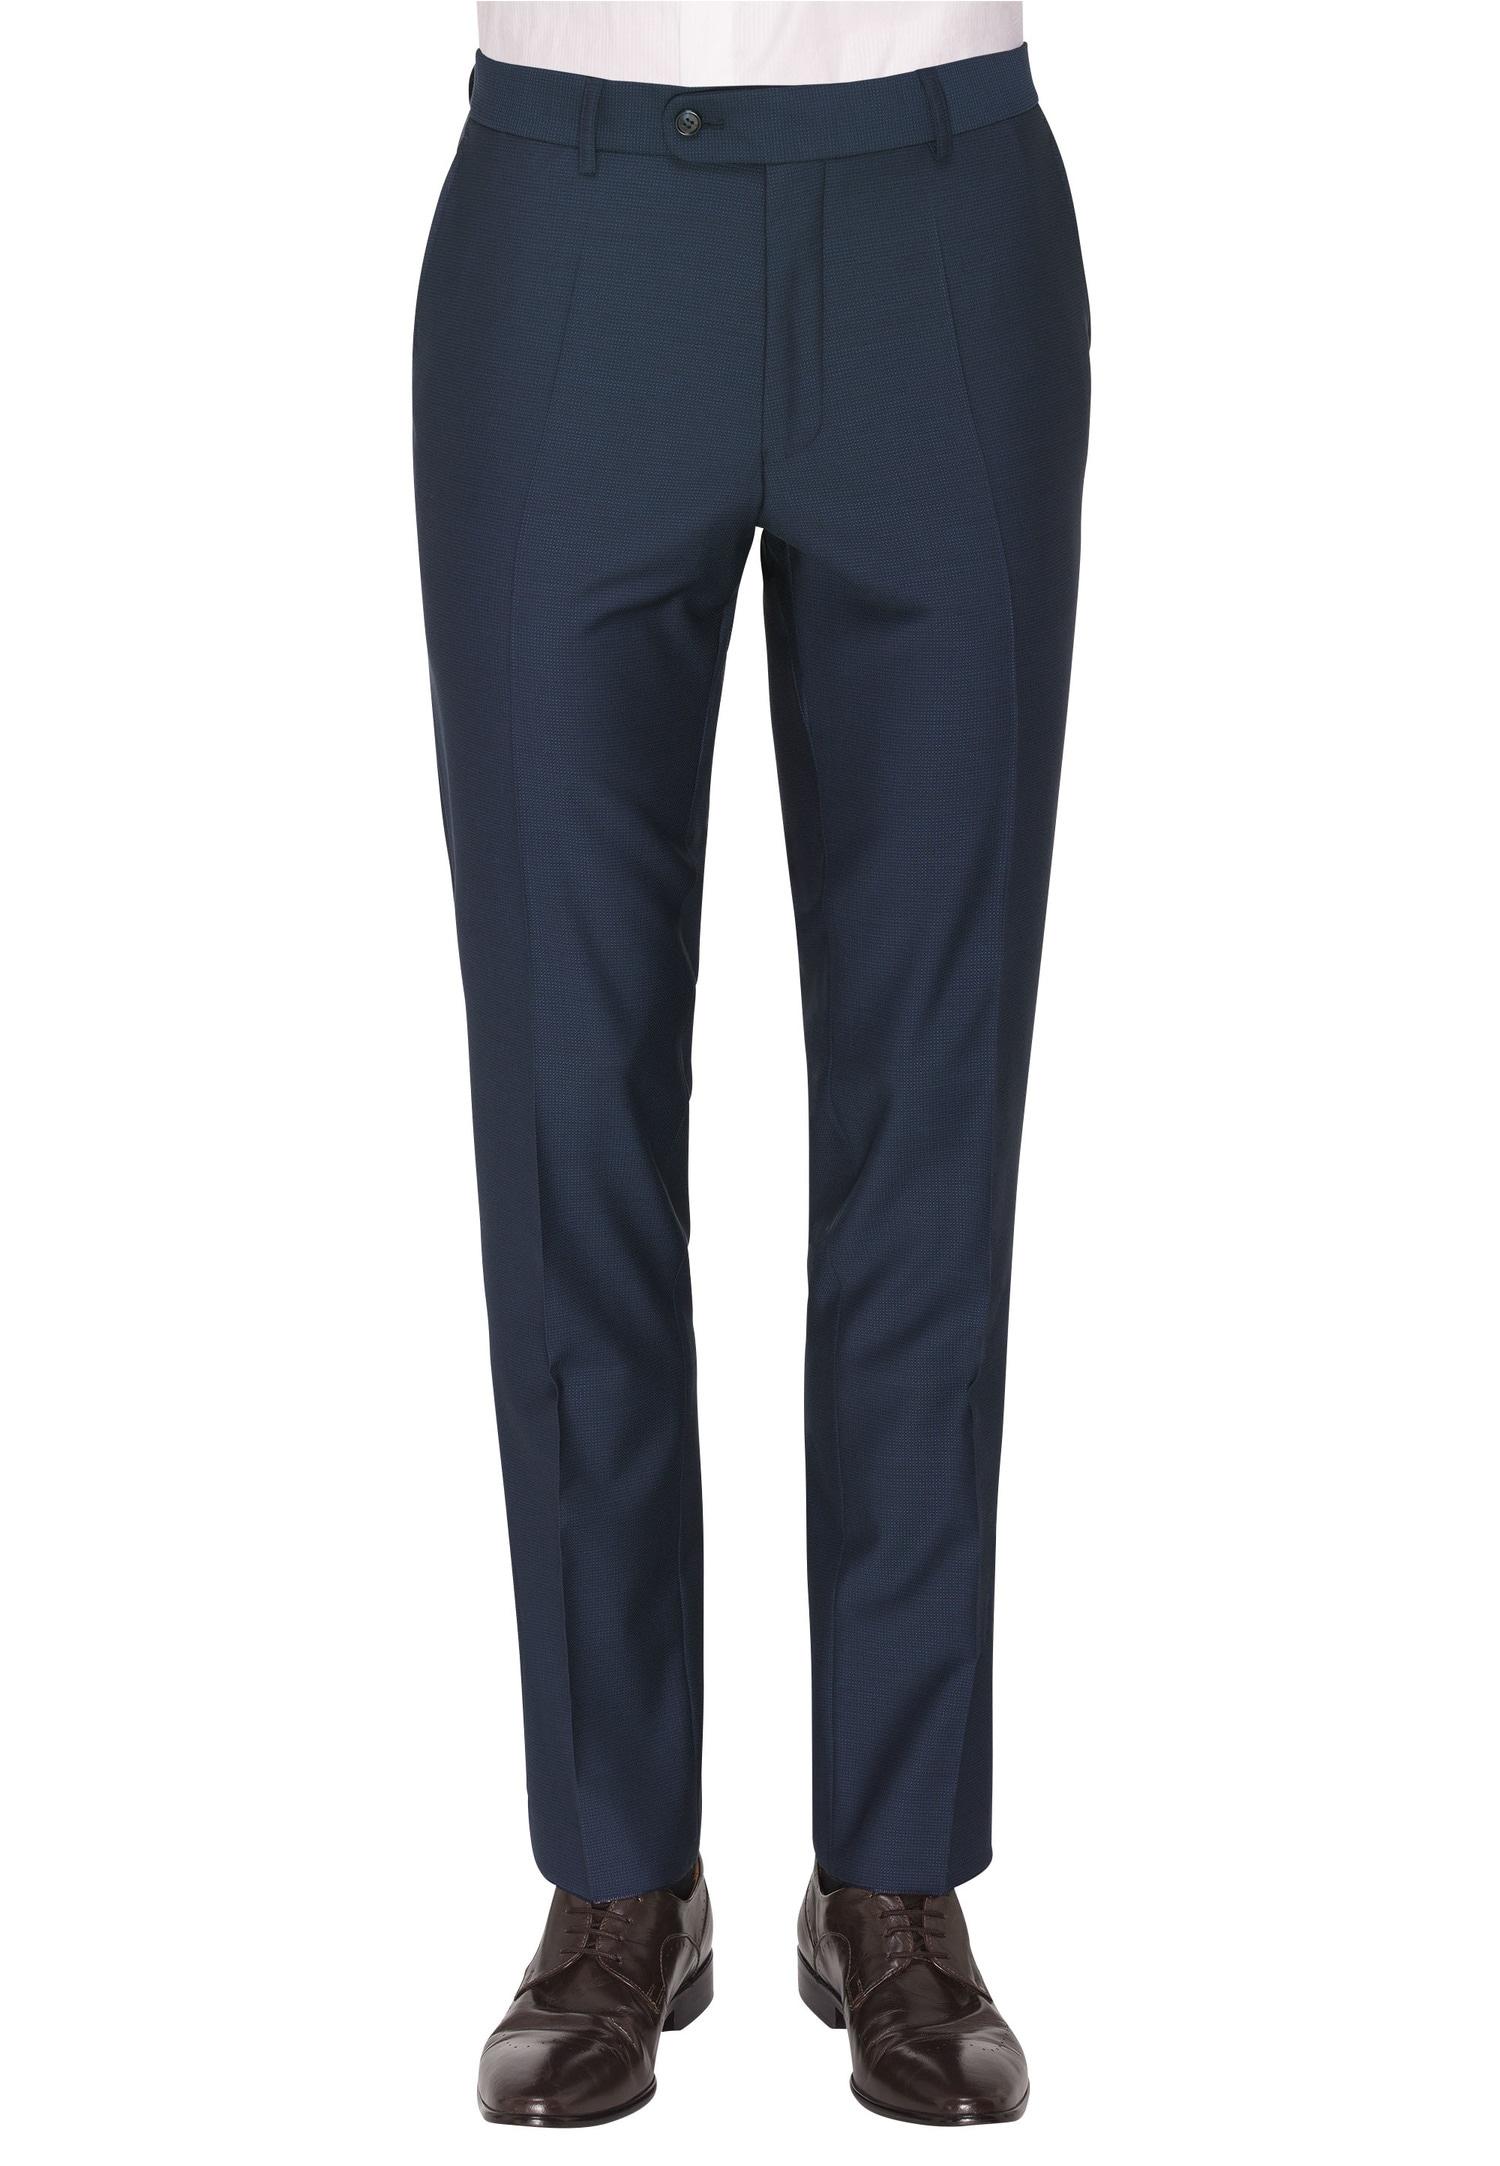 CARL GROSS Anzughose »CG Sascha« | Bekleidung > Hosen > Anzughosen | Blau | Schurwolle - Baumwolle | Carl Gross